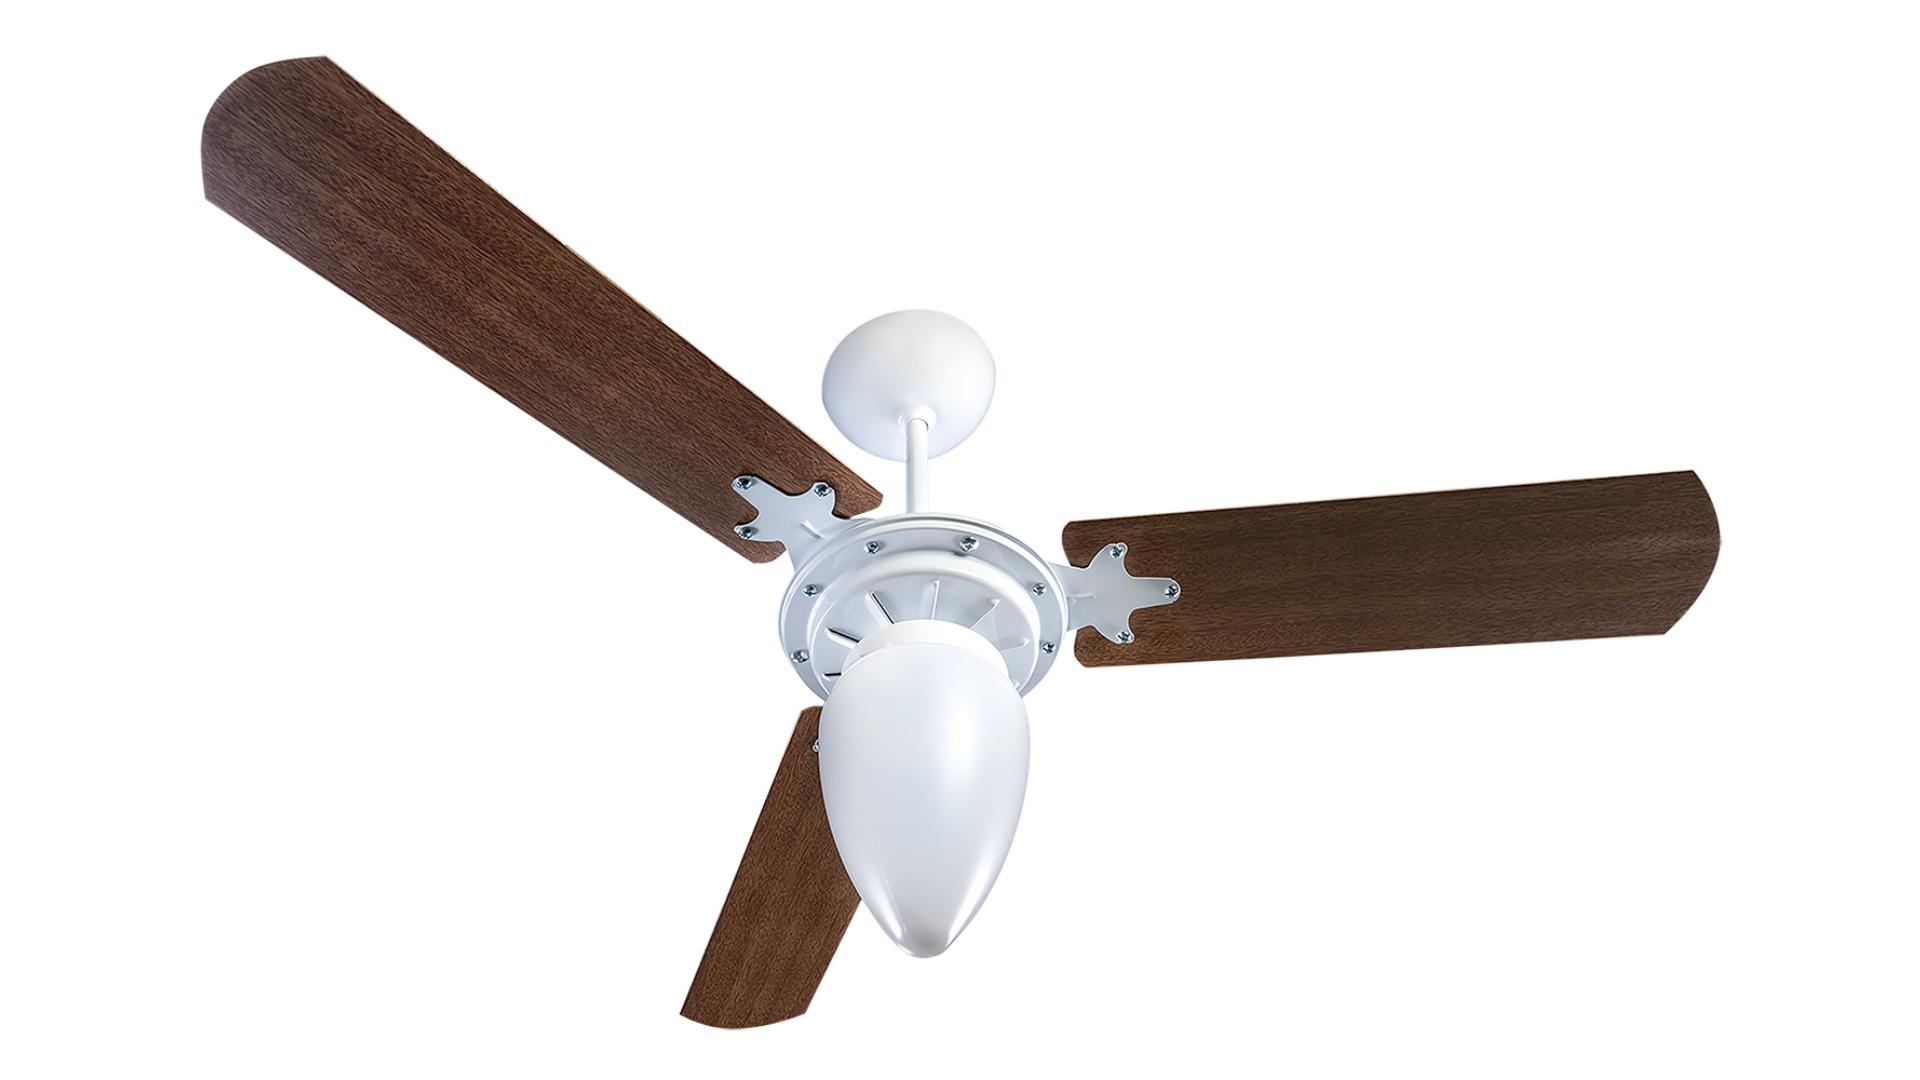 O ventilador de teto Ventisol Wind 3 é um dos modelos econômicos da nossa lista. Confira abaixo! (Imagem: Divulgação/Ventisol)